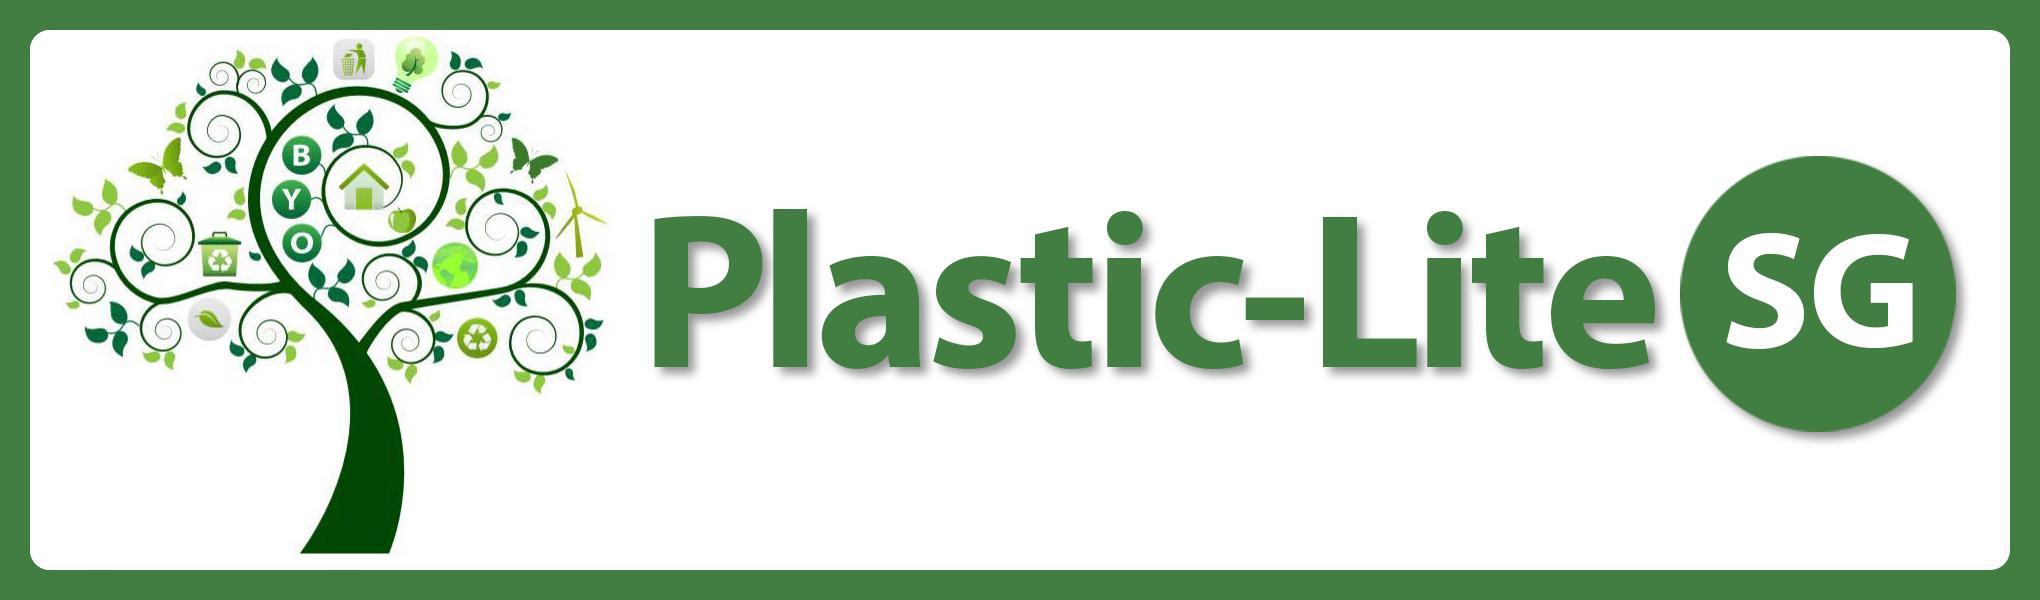 Plastic-Lite Singapore